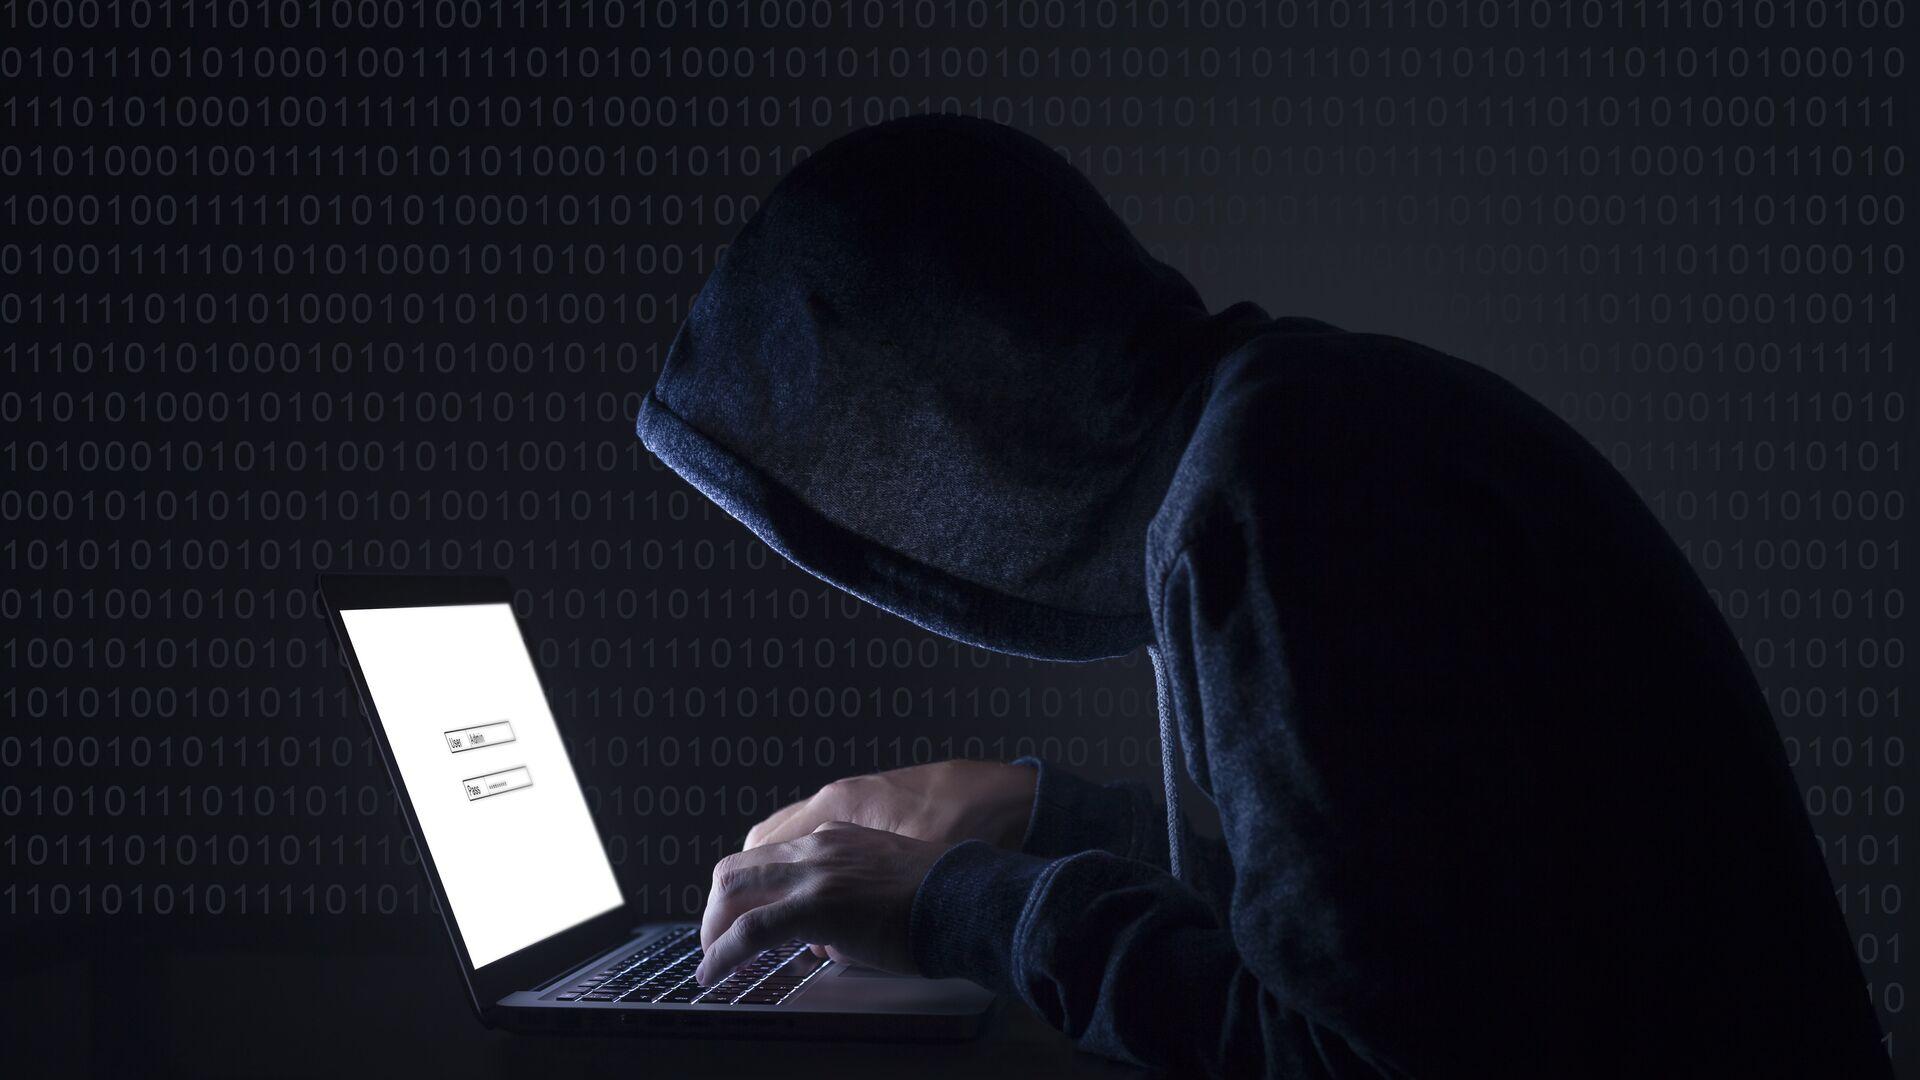 Мошенники развернули в сети масштабную атаку под видом опроса ВОЗ